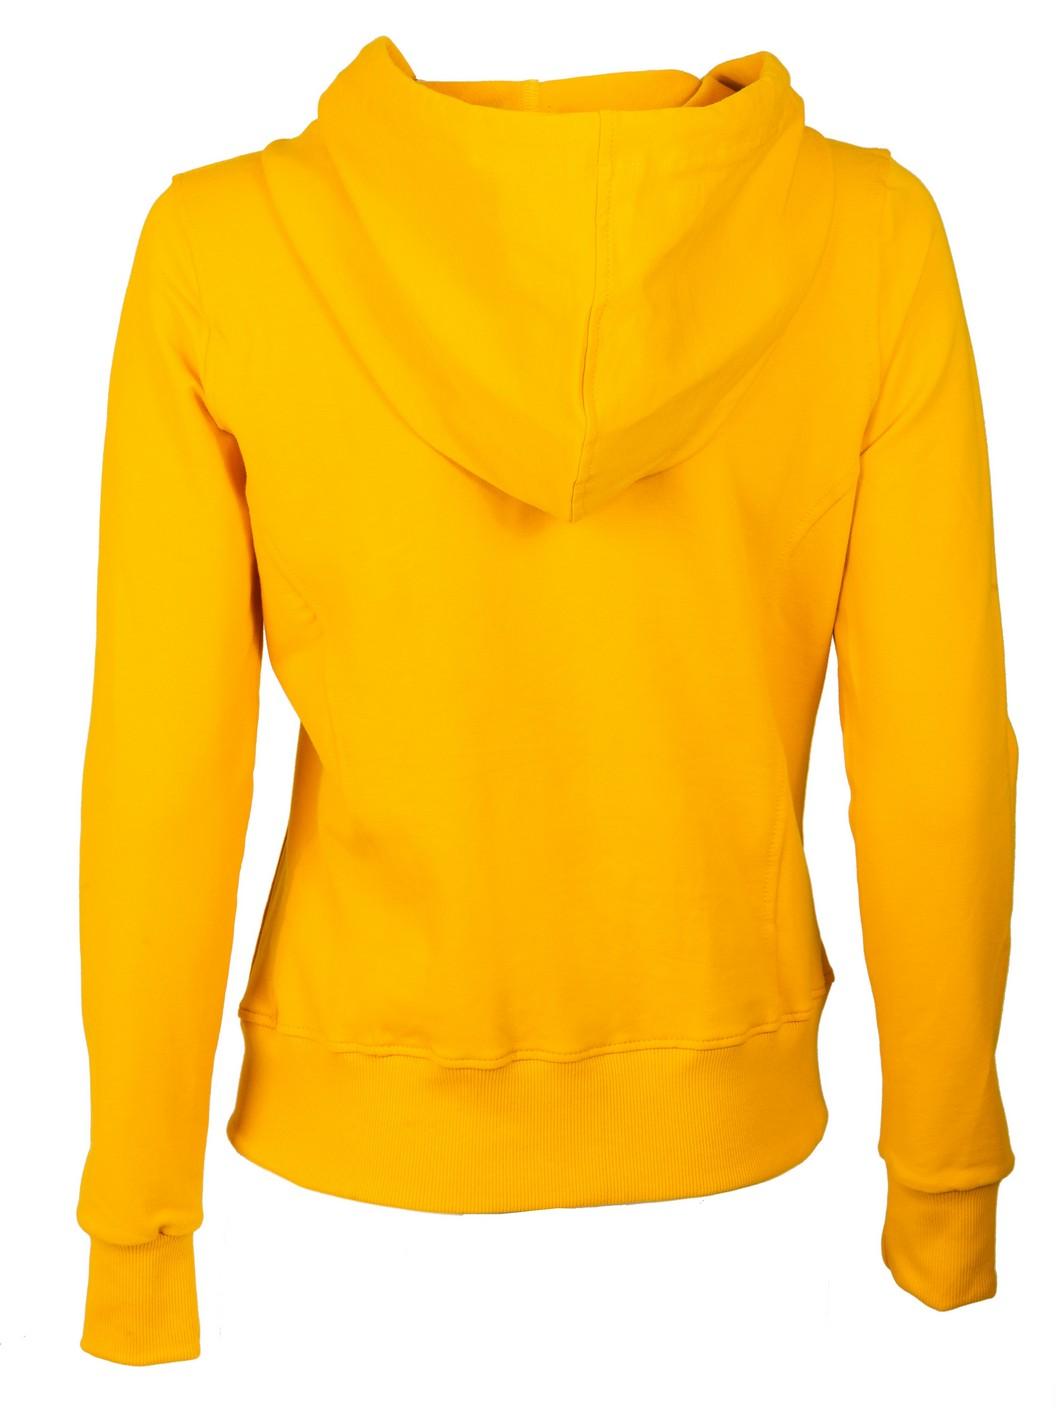 ženski duks žuti